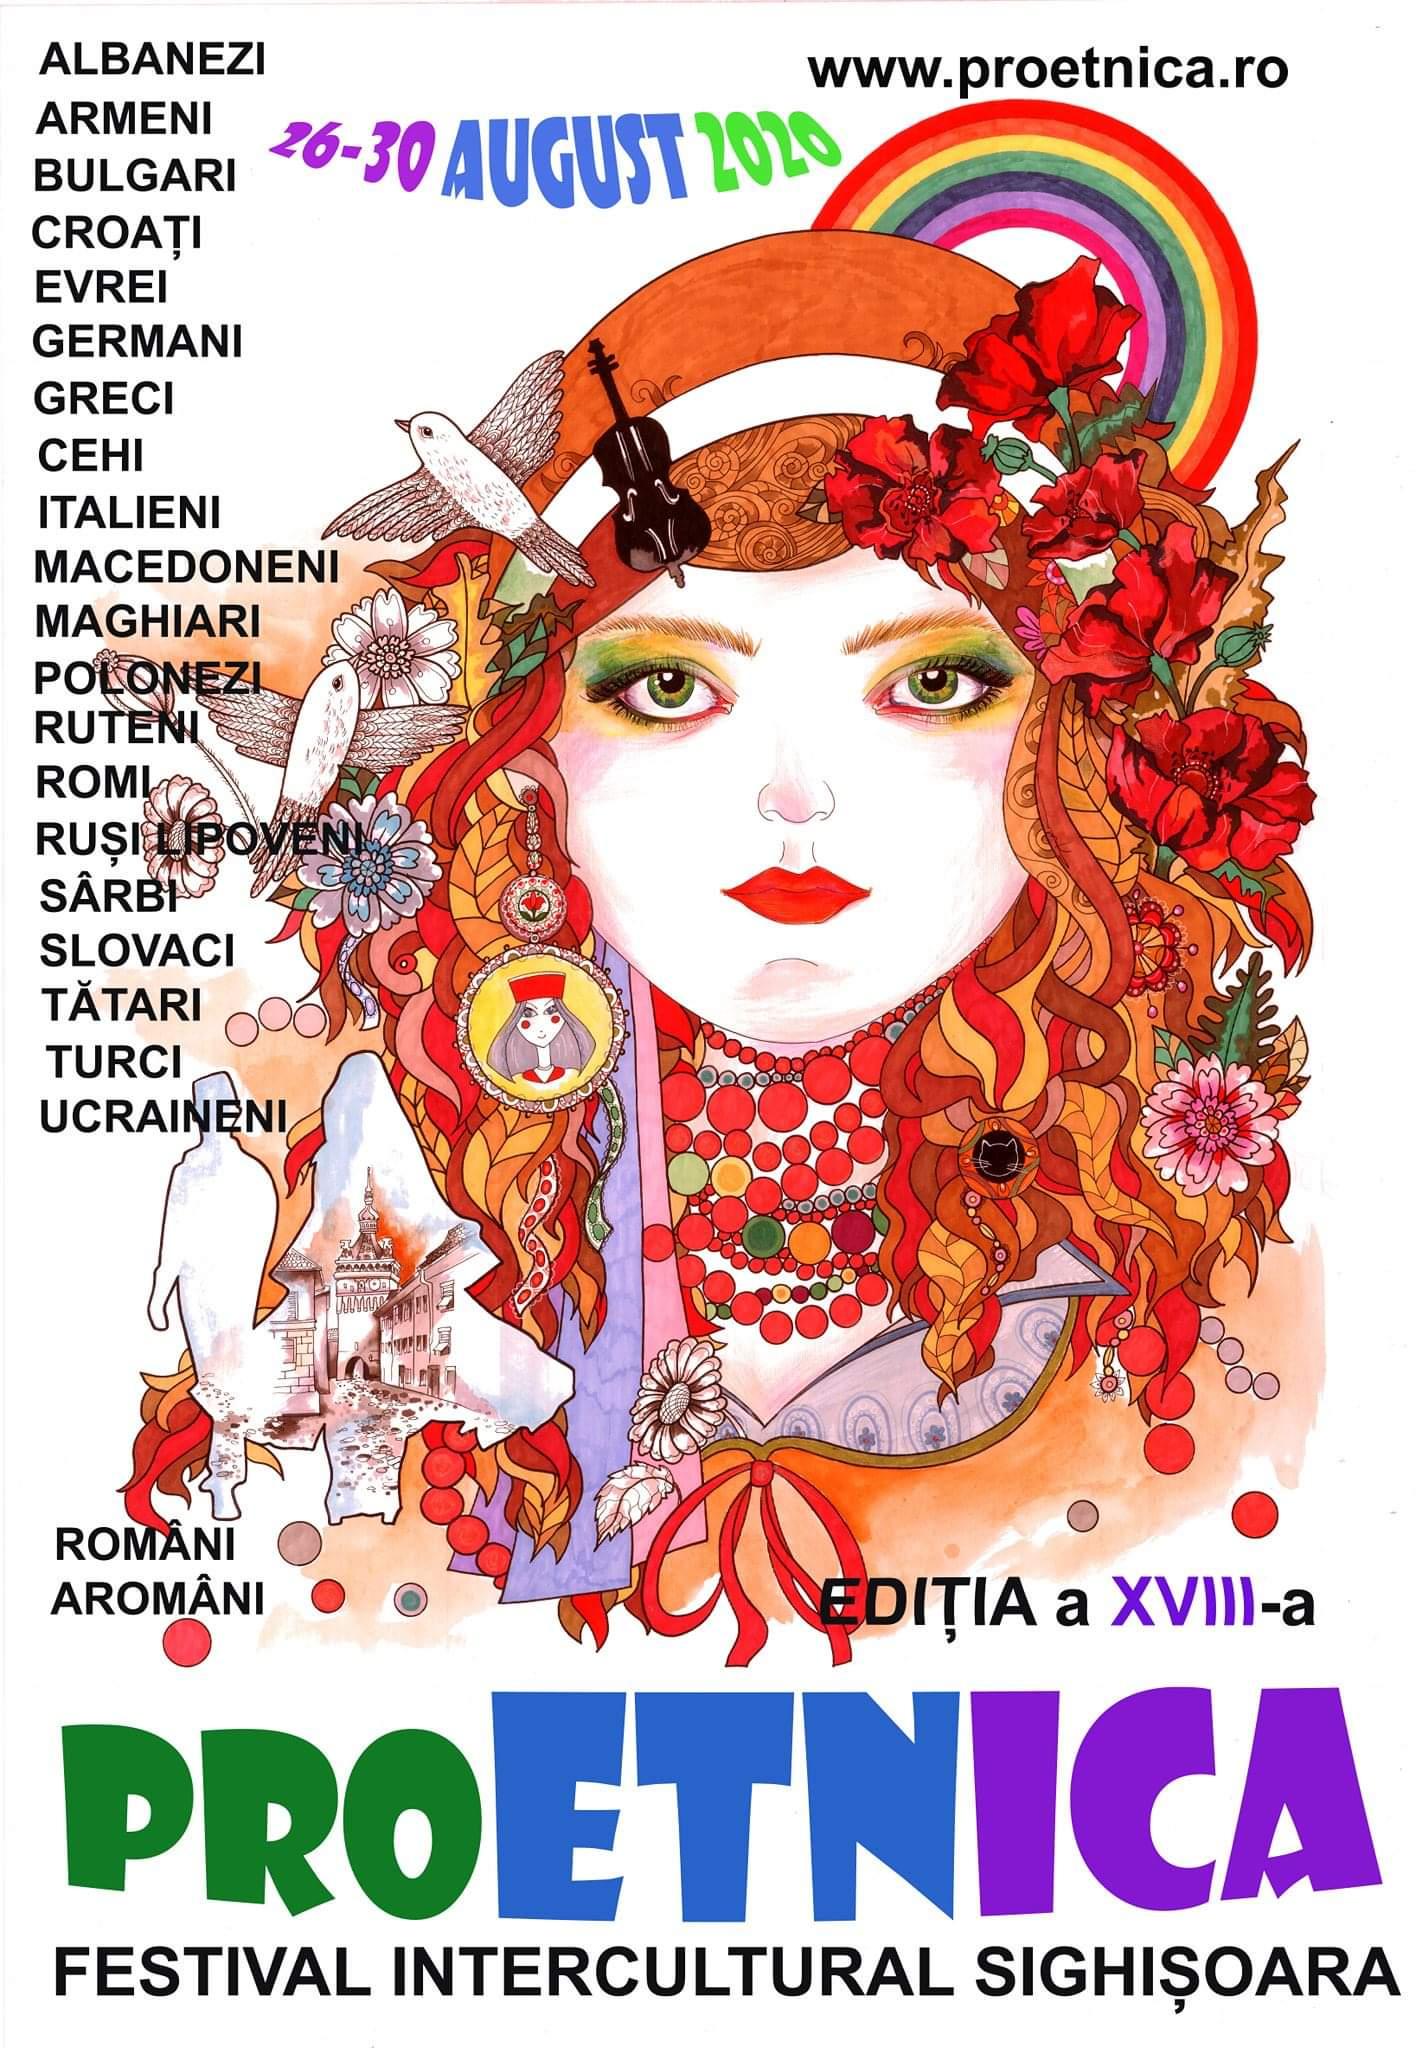 Afișul oficial al festivalului Pro Etnica 2020